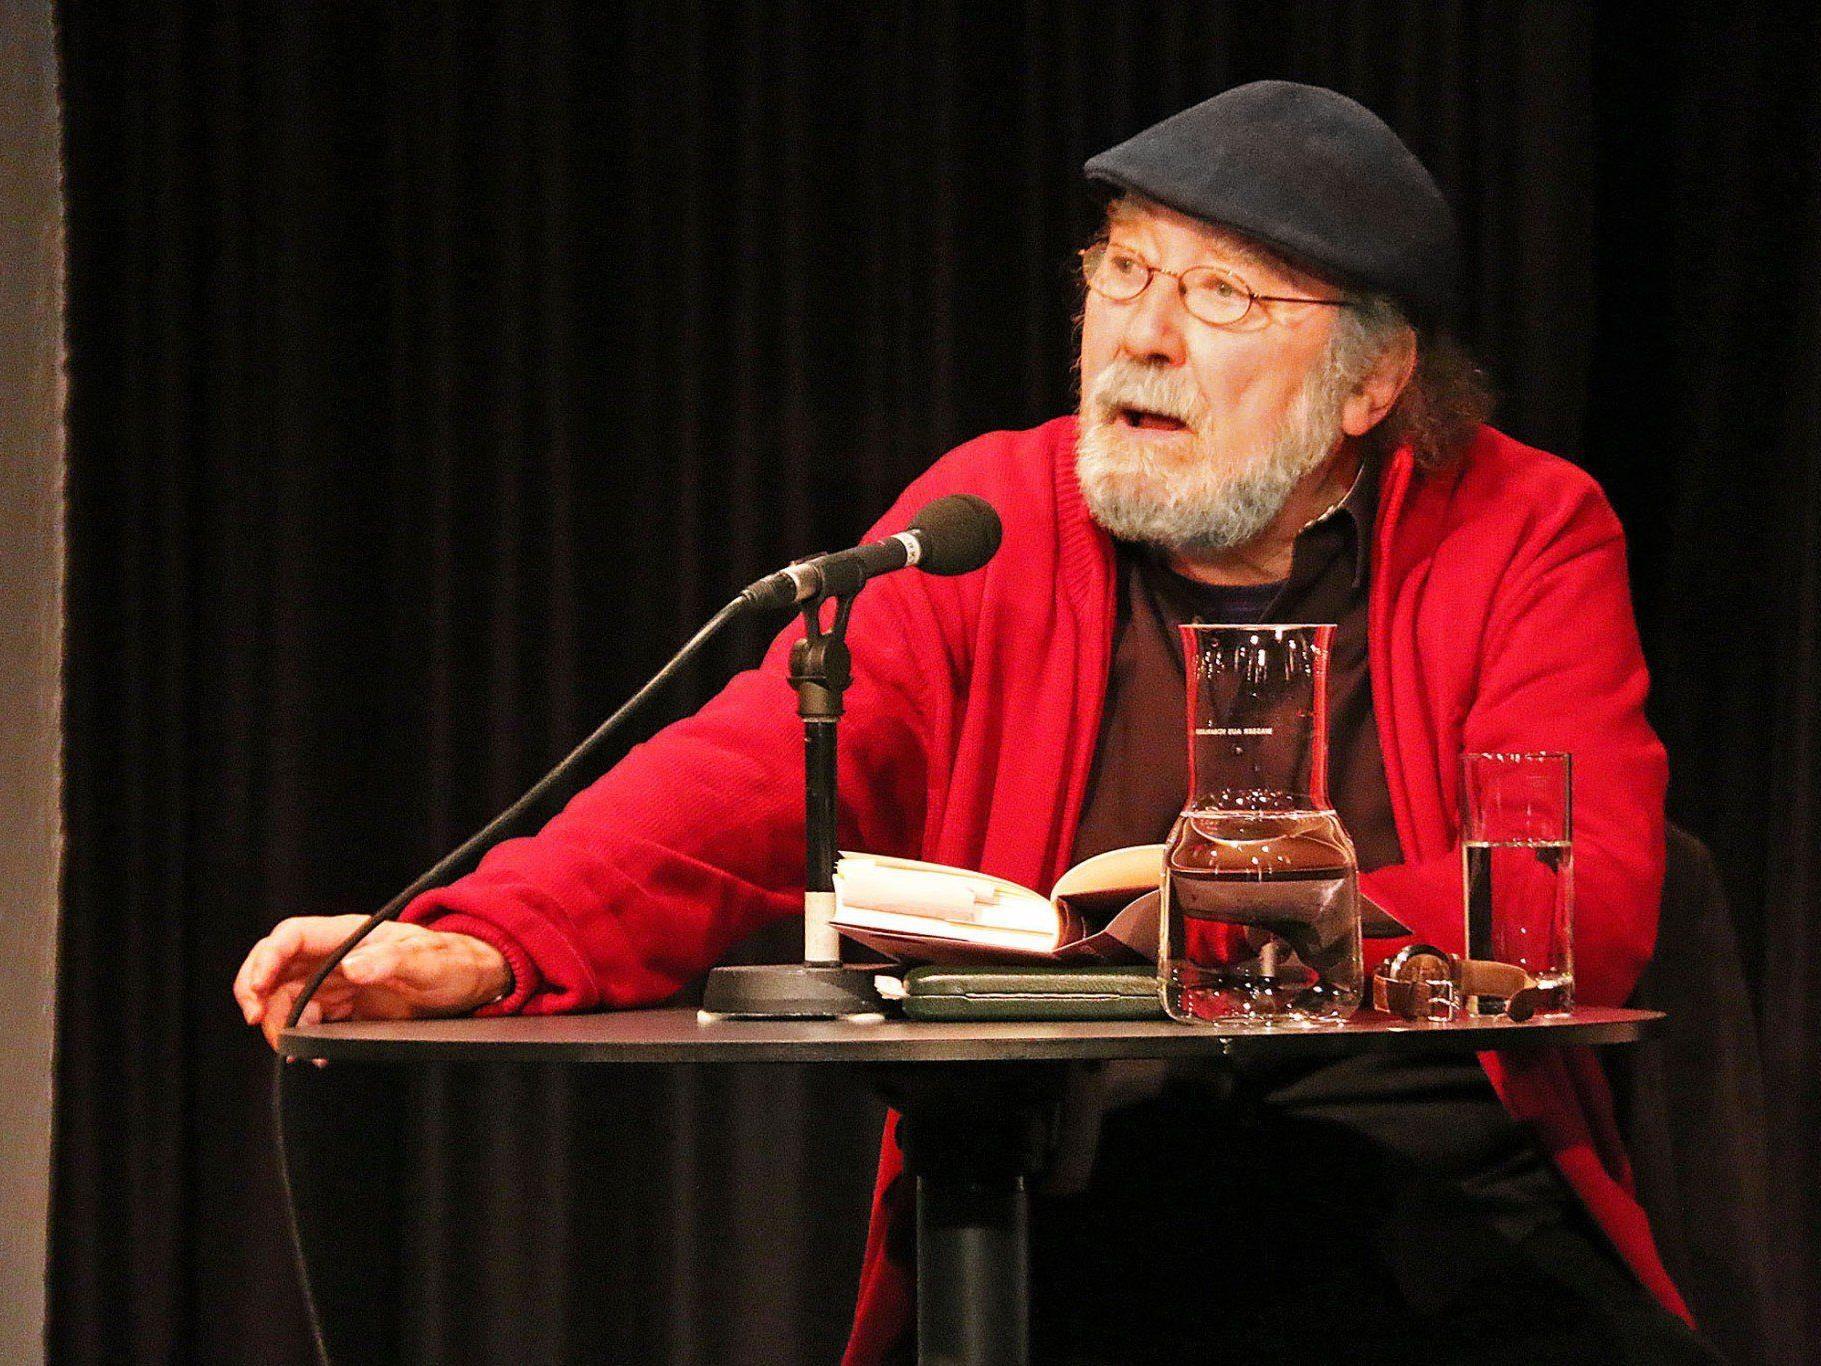 Der bekannte österreichische Autor Peter Henisch las am Saumarkt.